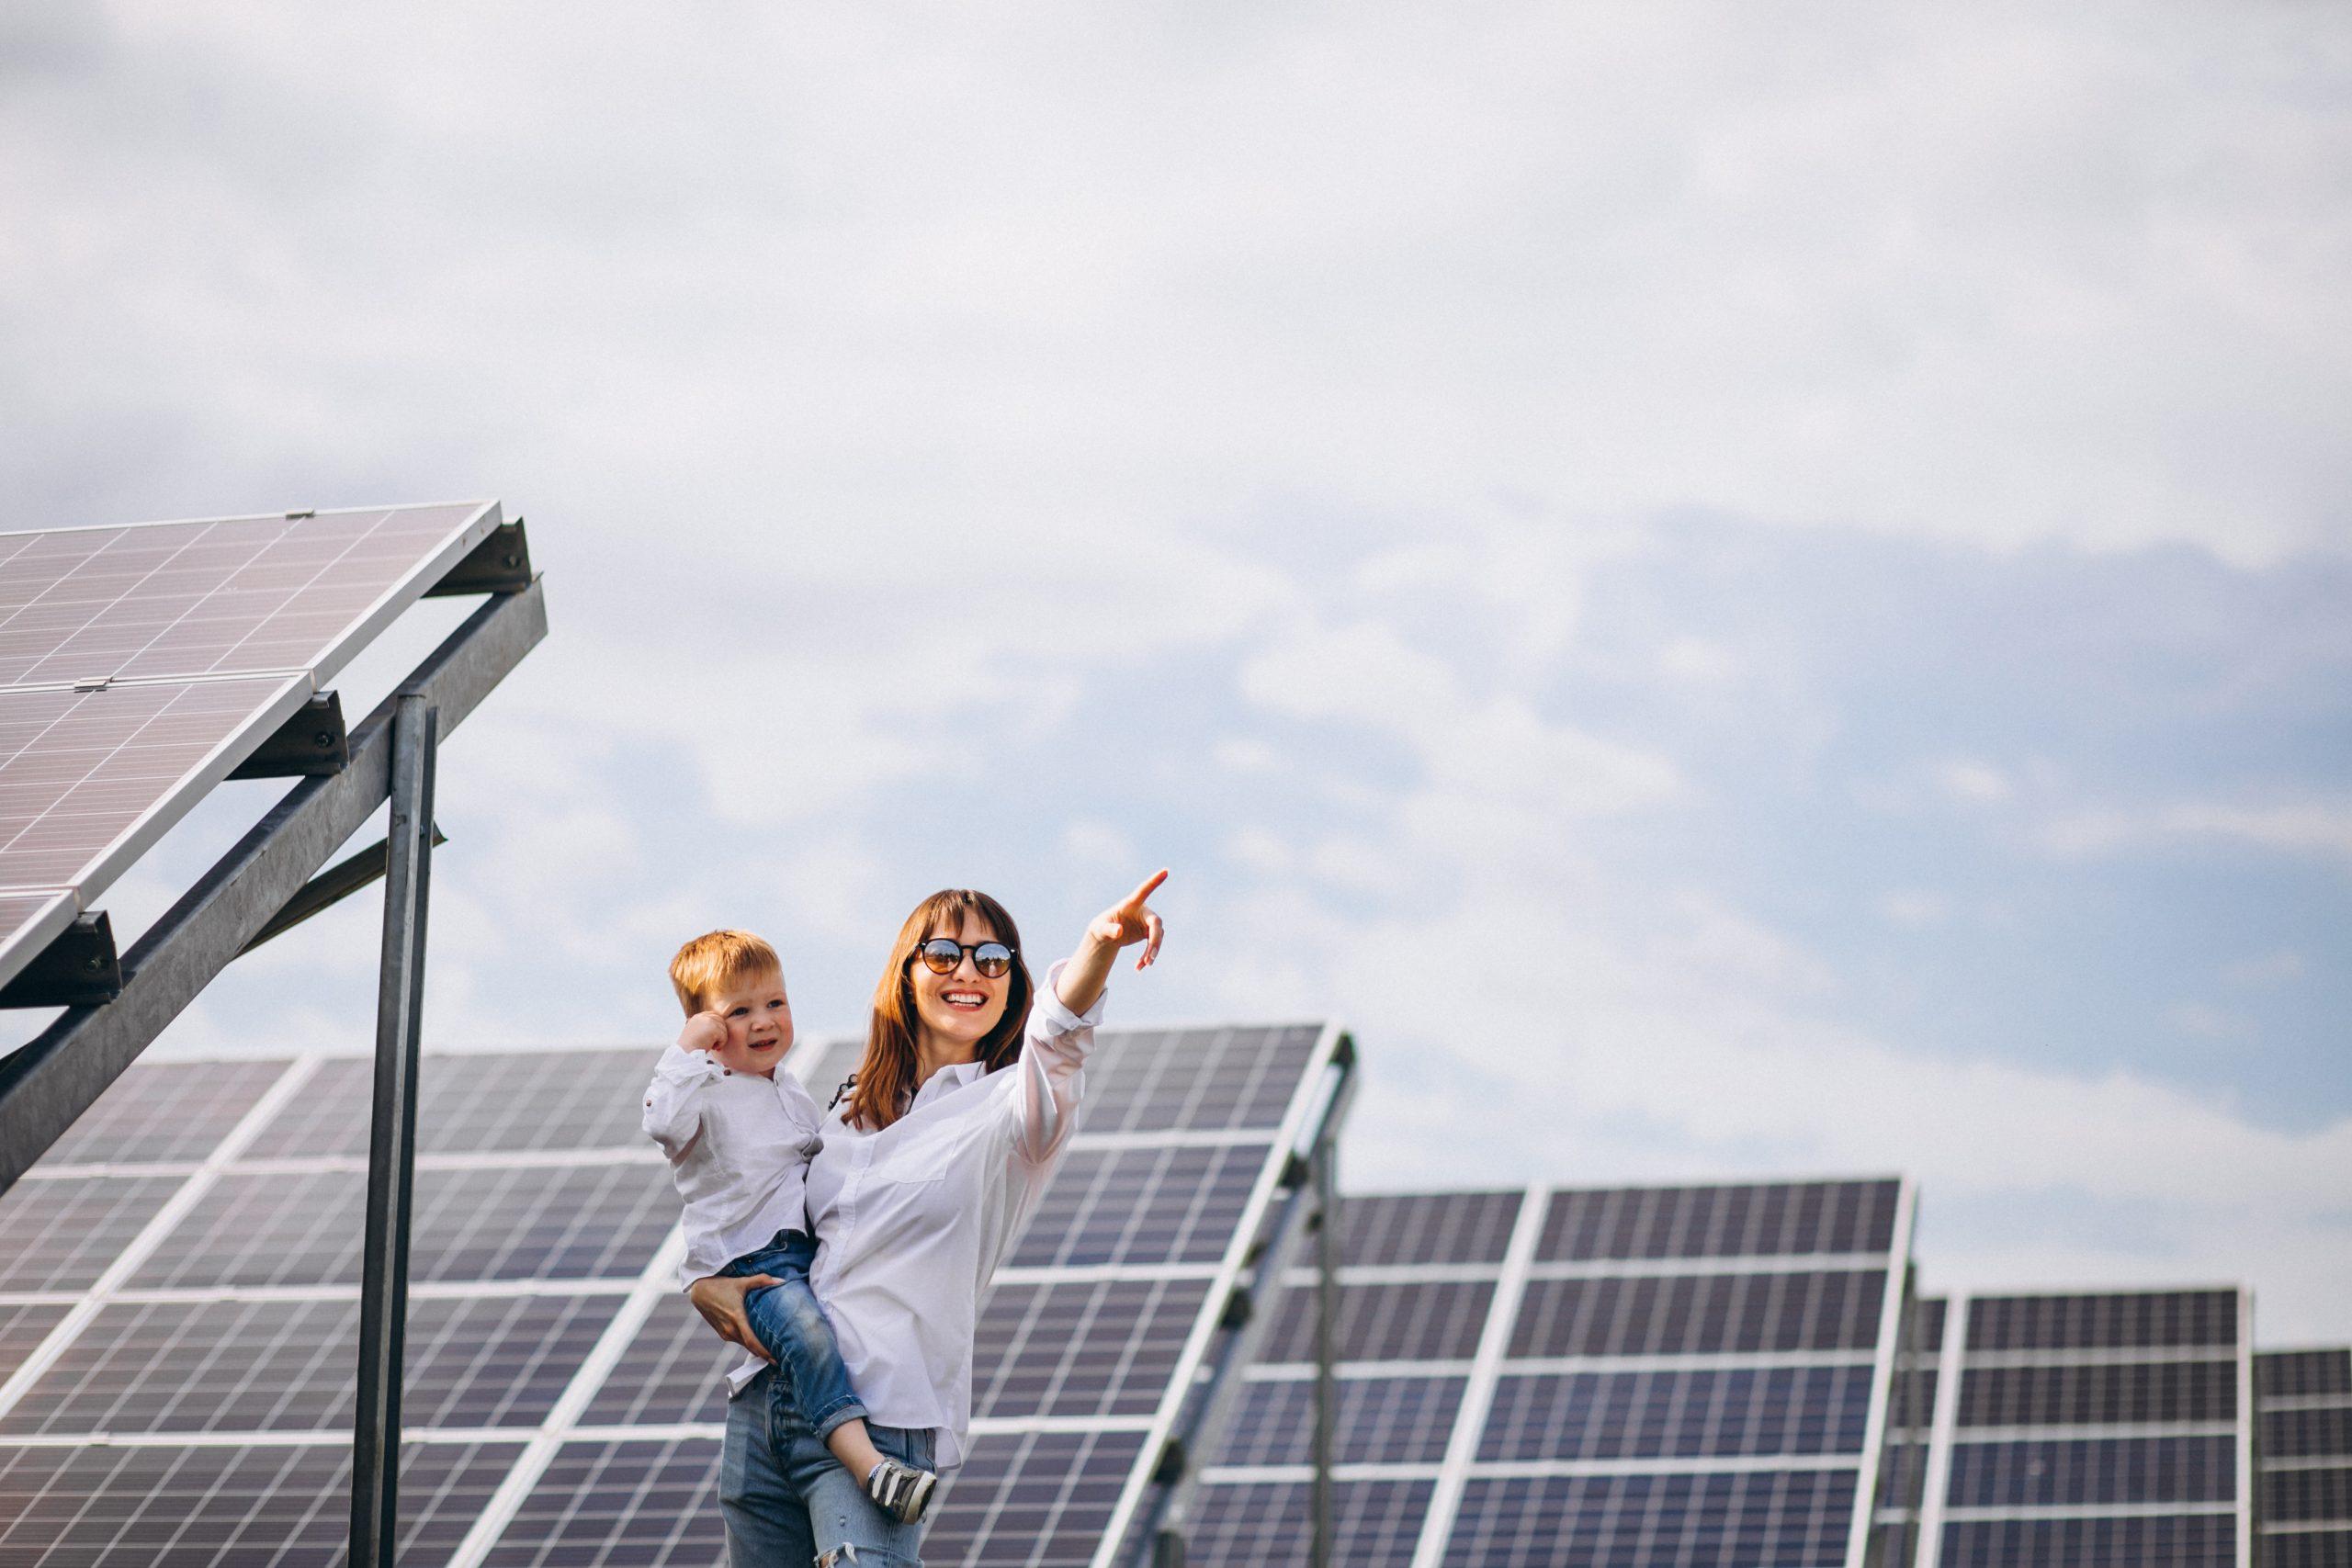 Imóvel com energia solar pode valorizar de 3% a 6%